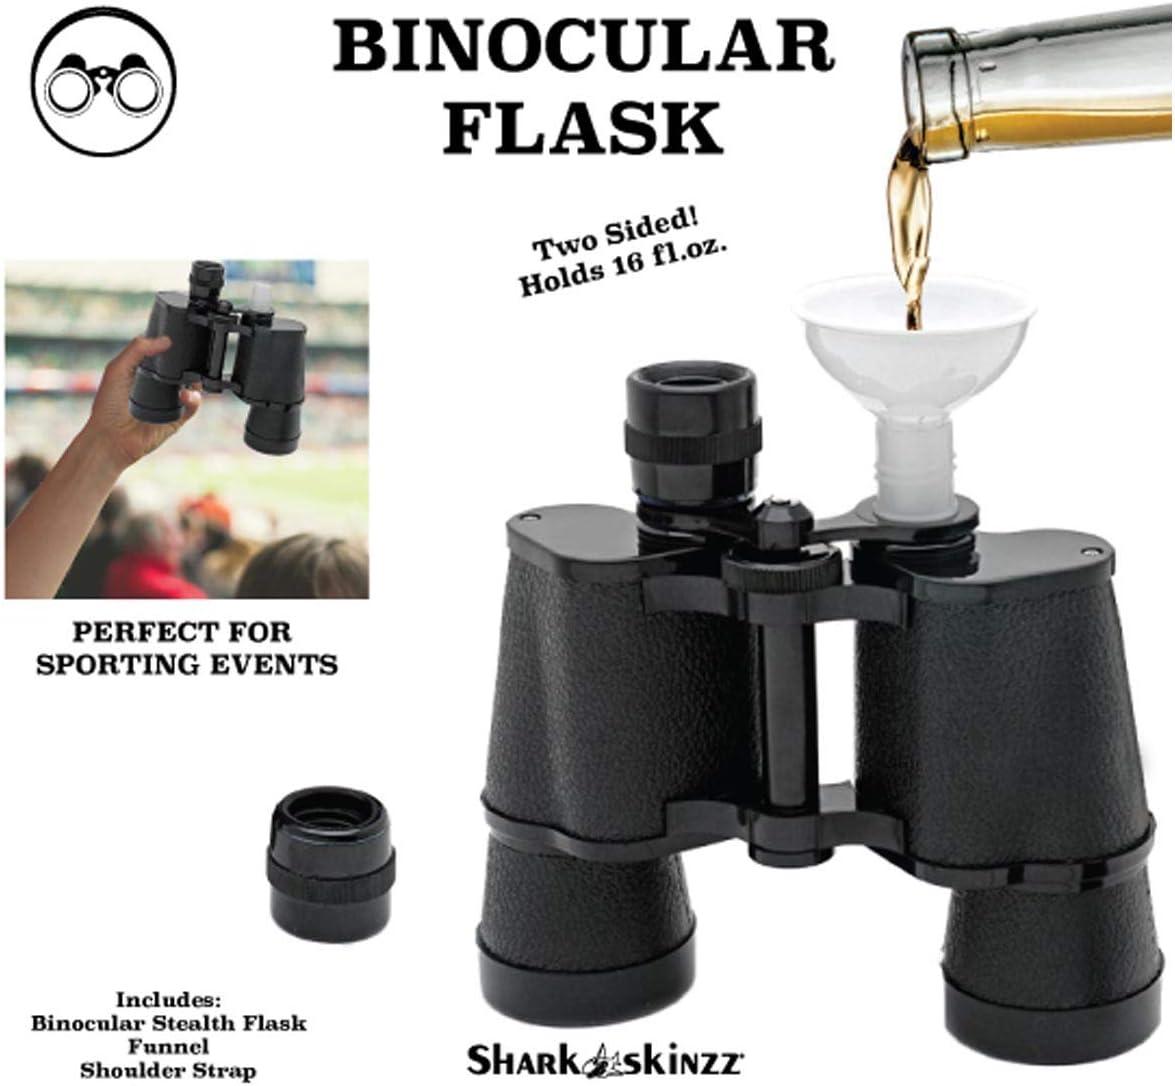 Double Sided Secret Binocular Flask Binocular Flask Holds 16oz Total!